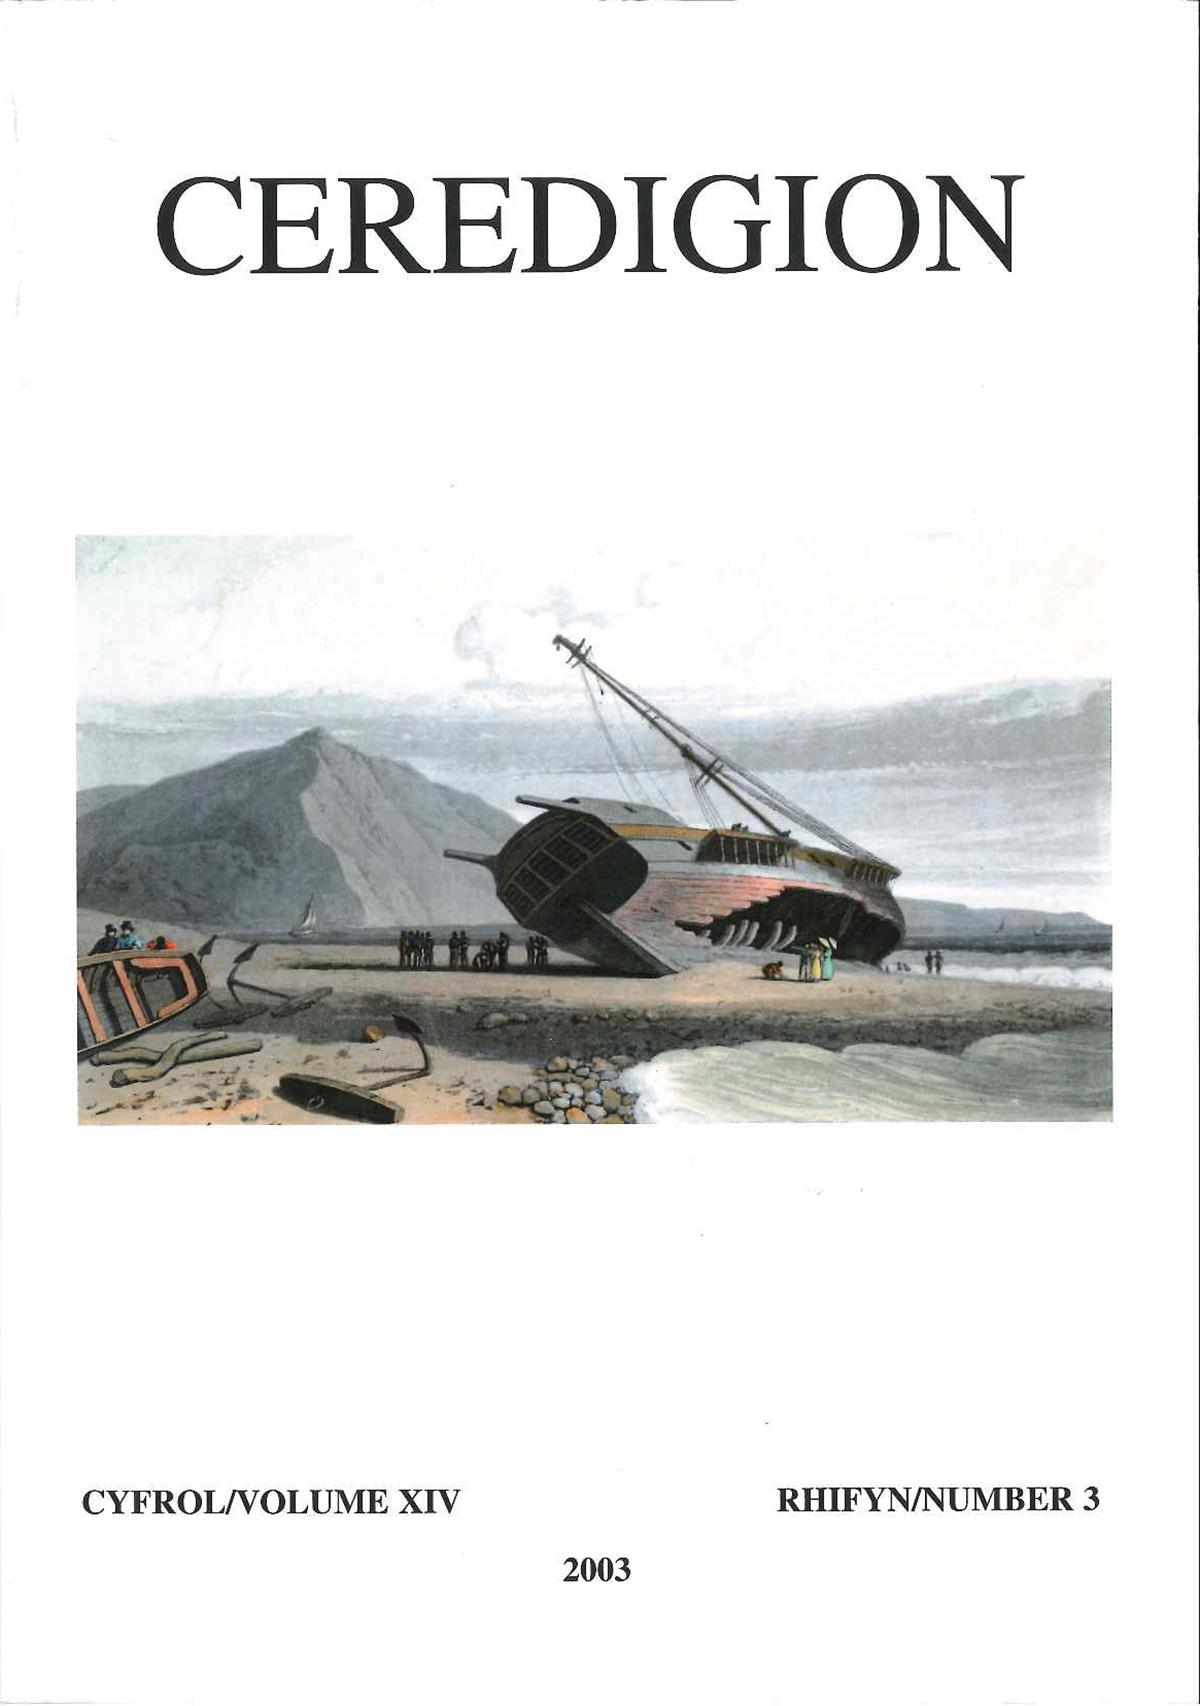 Ceredigion - Cylchgrawn Cymdeithas Hanes Ceredigion, Cyfrol XIV, Rhifyn 3, 2003 - ISBN 0069 2263